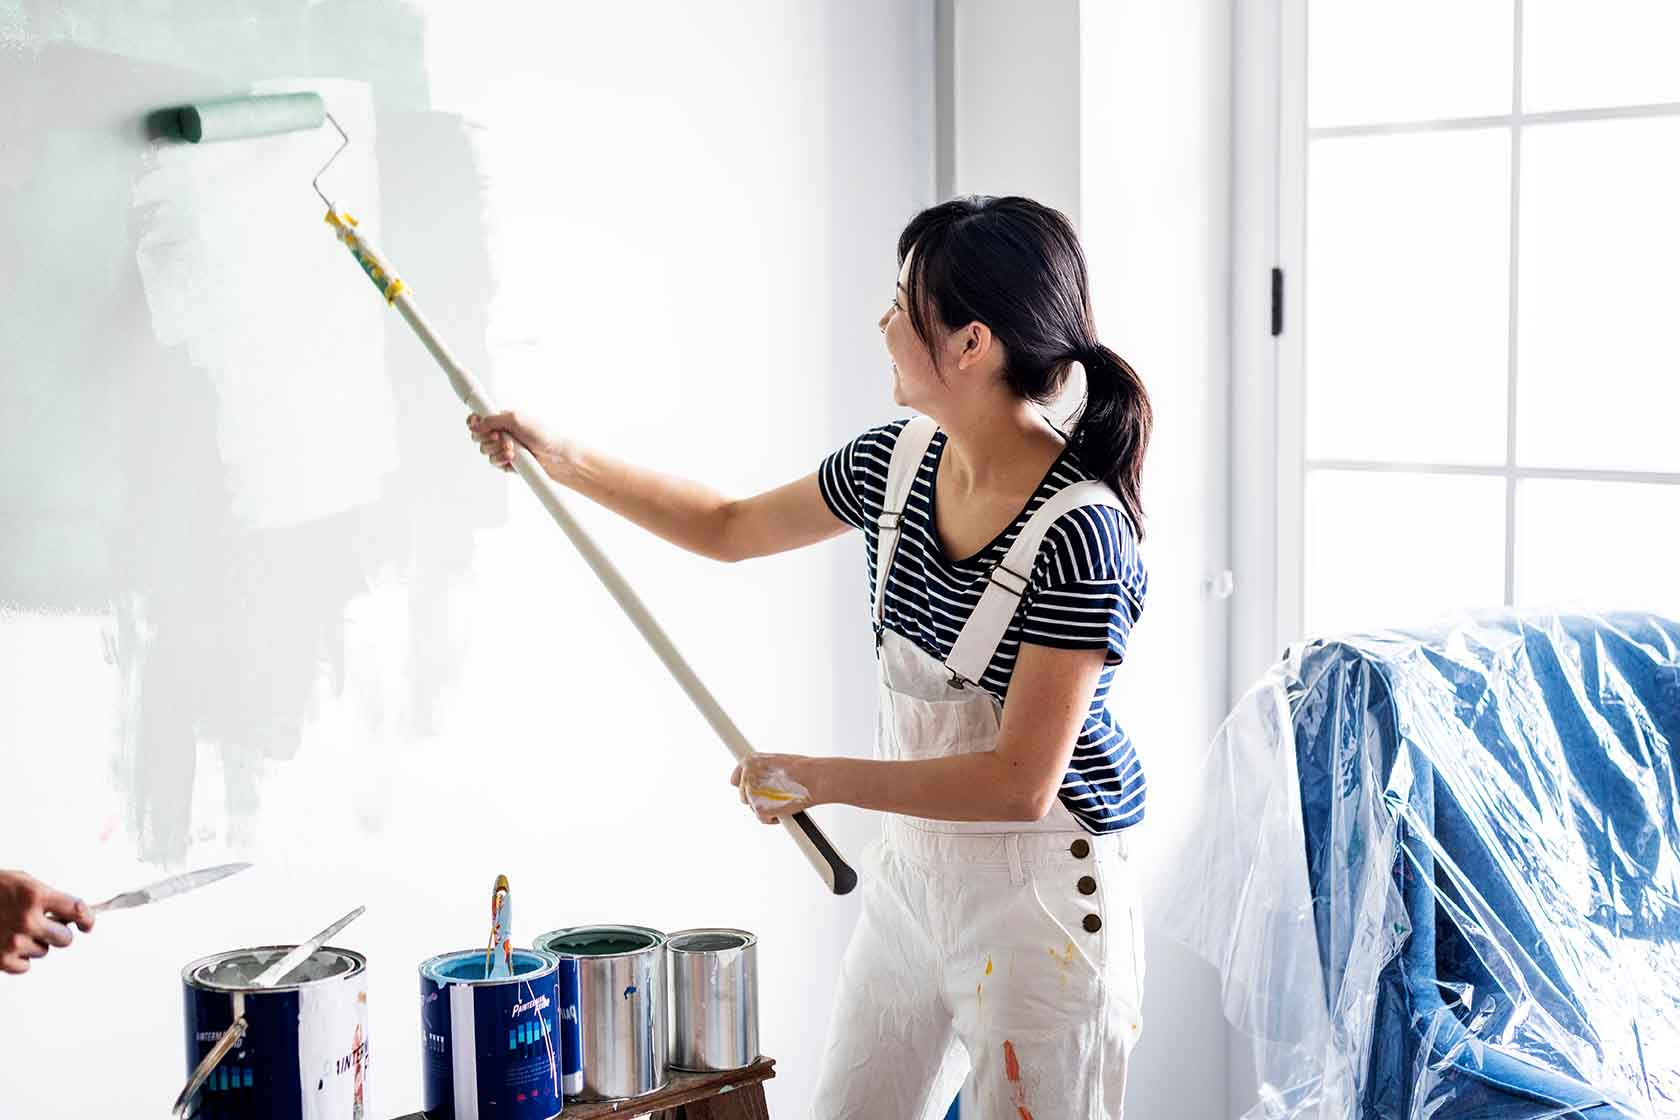 ¿Cómo elegir una brocha o un rodillo ideal para pintar